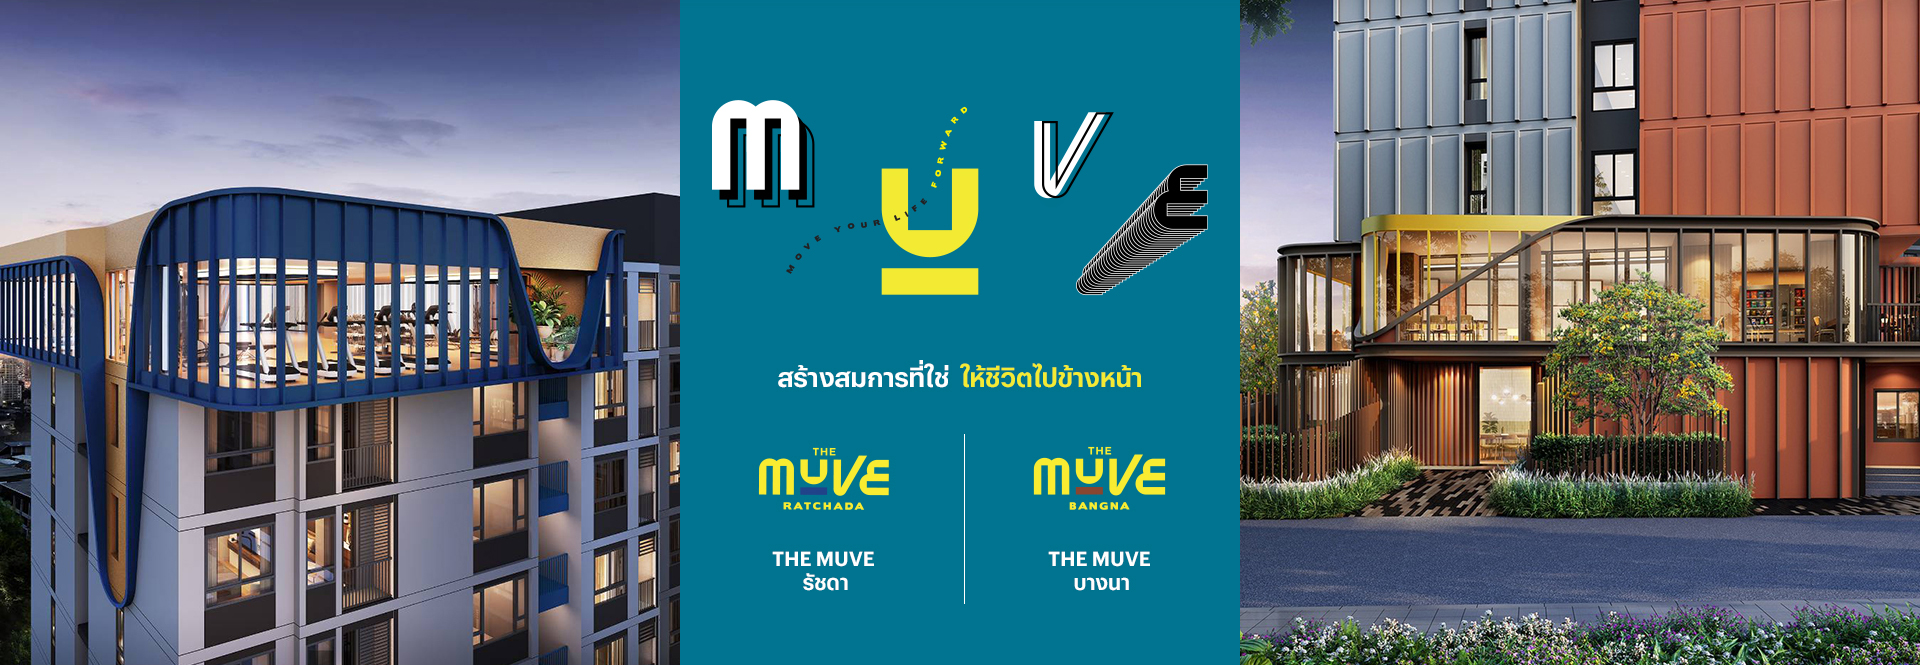 The Muve Move Your Life Forward สร้างสมการที่ใช่ ให้ชีวิตไปข้างหน้า